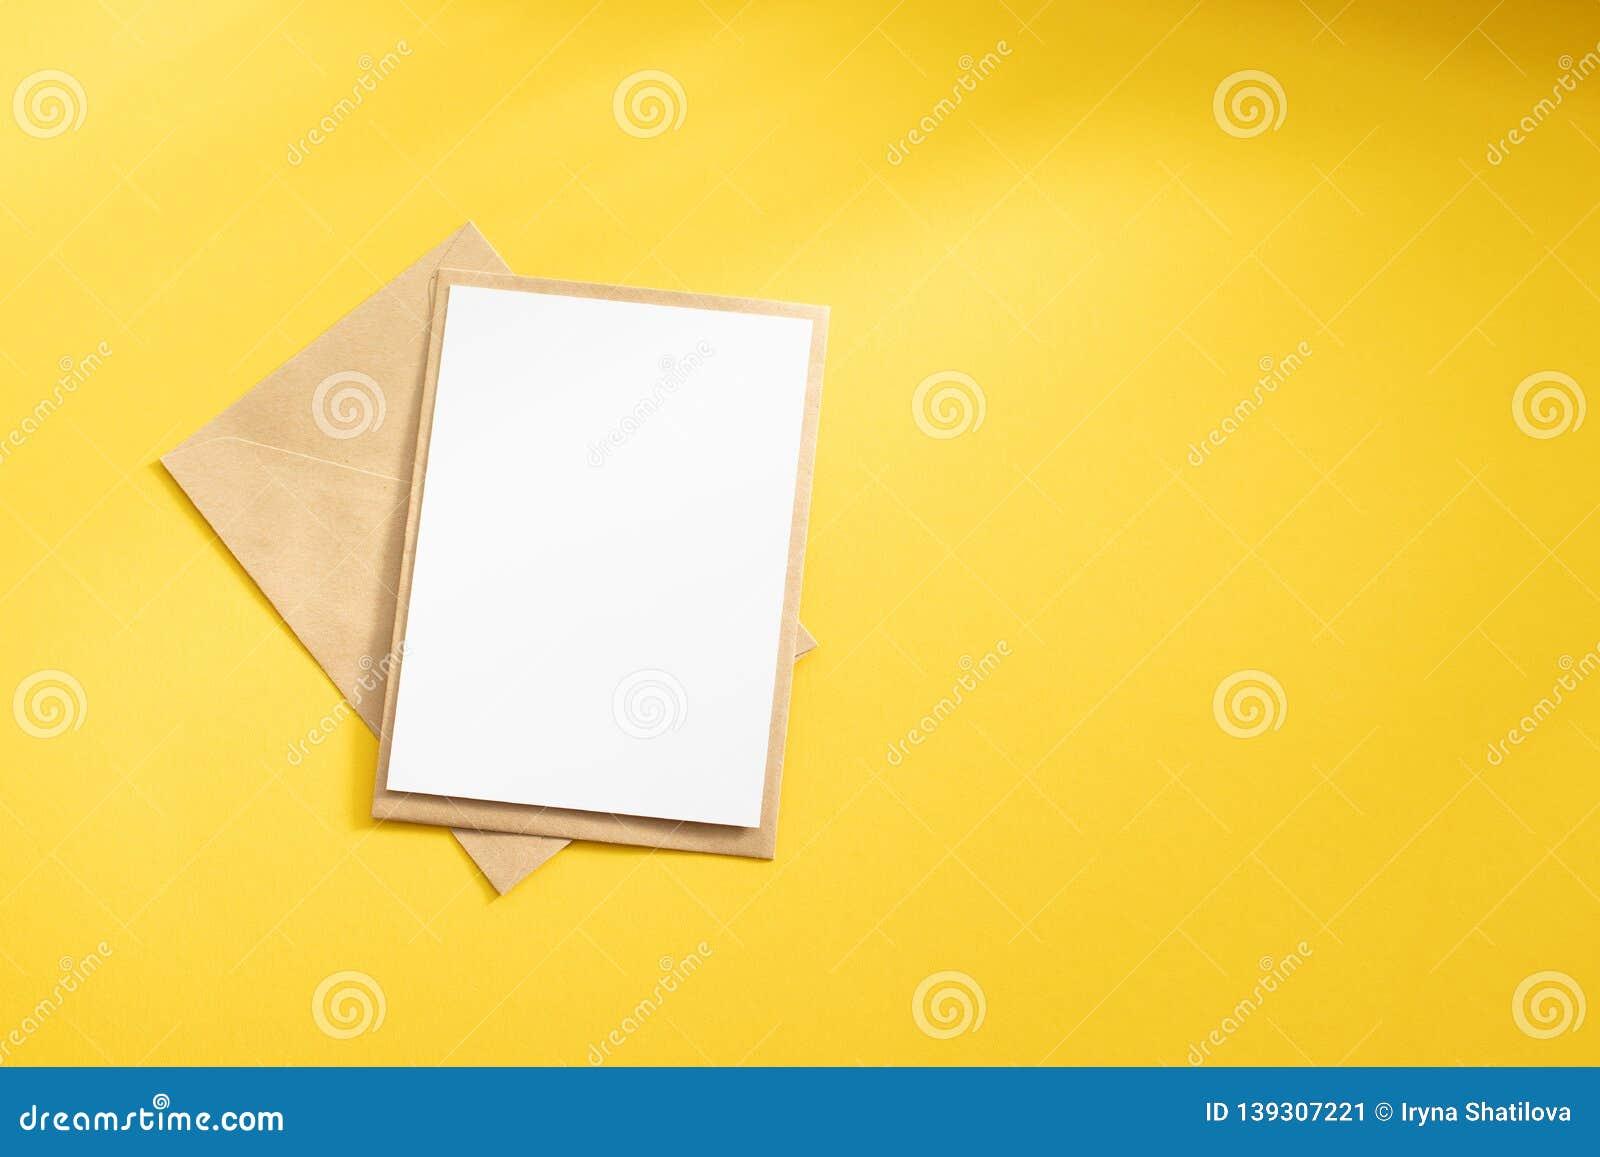 Lege witte kaart met van de het pakpapierenvelop van kraftpapier het malplaatje omhoog spot